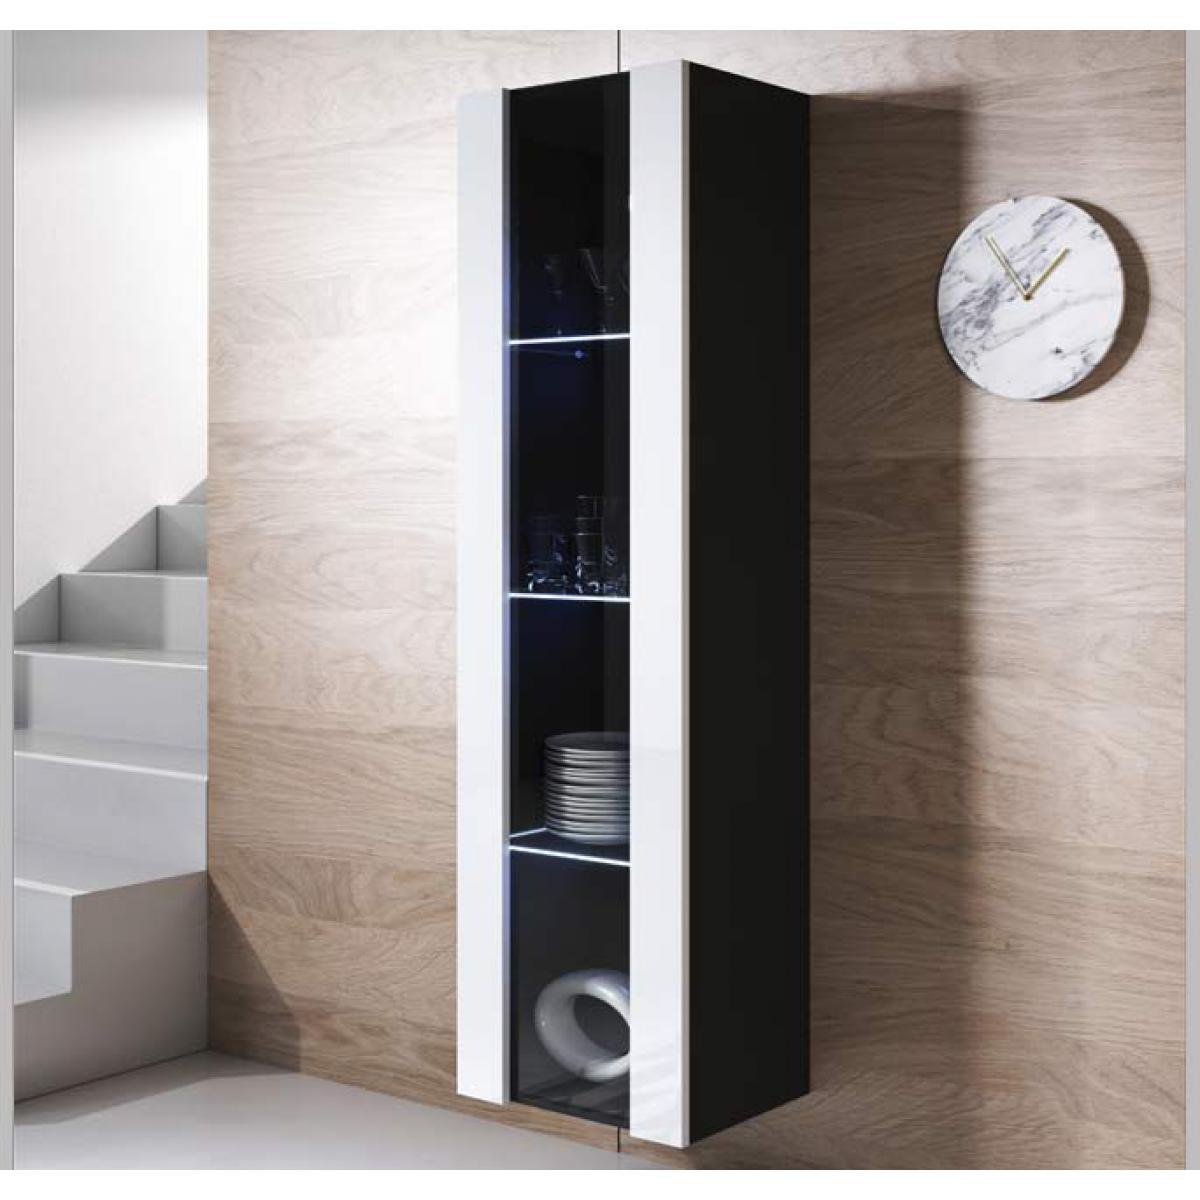 Design Ameublement Armoire mural modèle Luke V5 (40x165cm) couleur noir et blanc